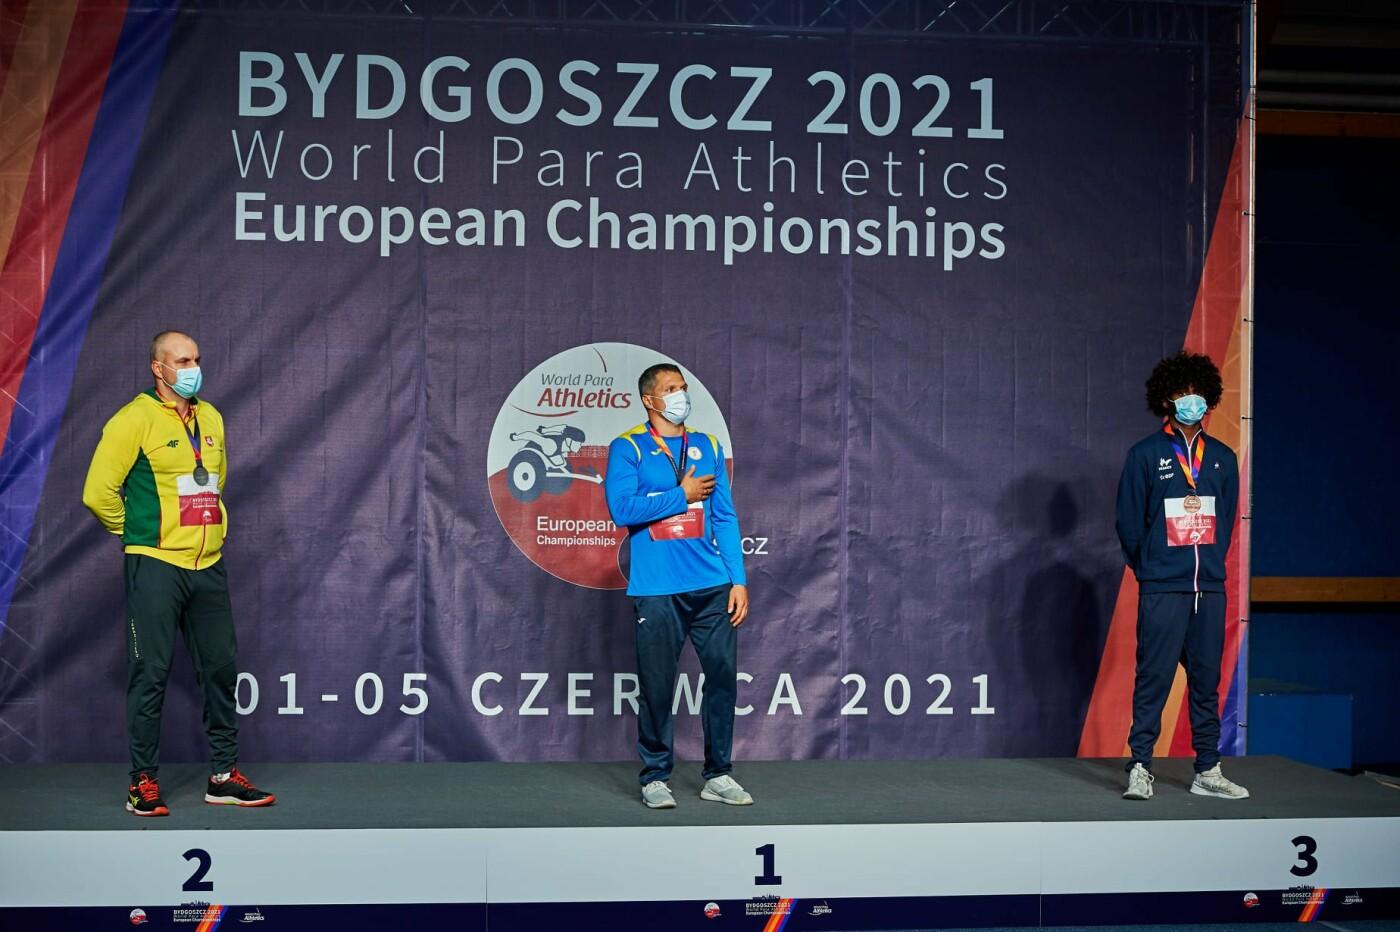 Рівненський спортсмен підкорив Європу на змаганнях з легкої атлетики, фото-4